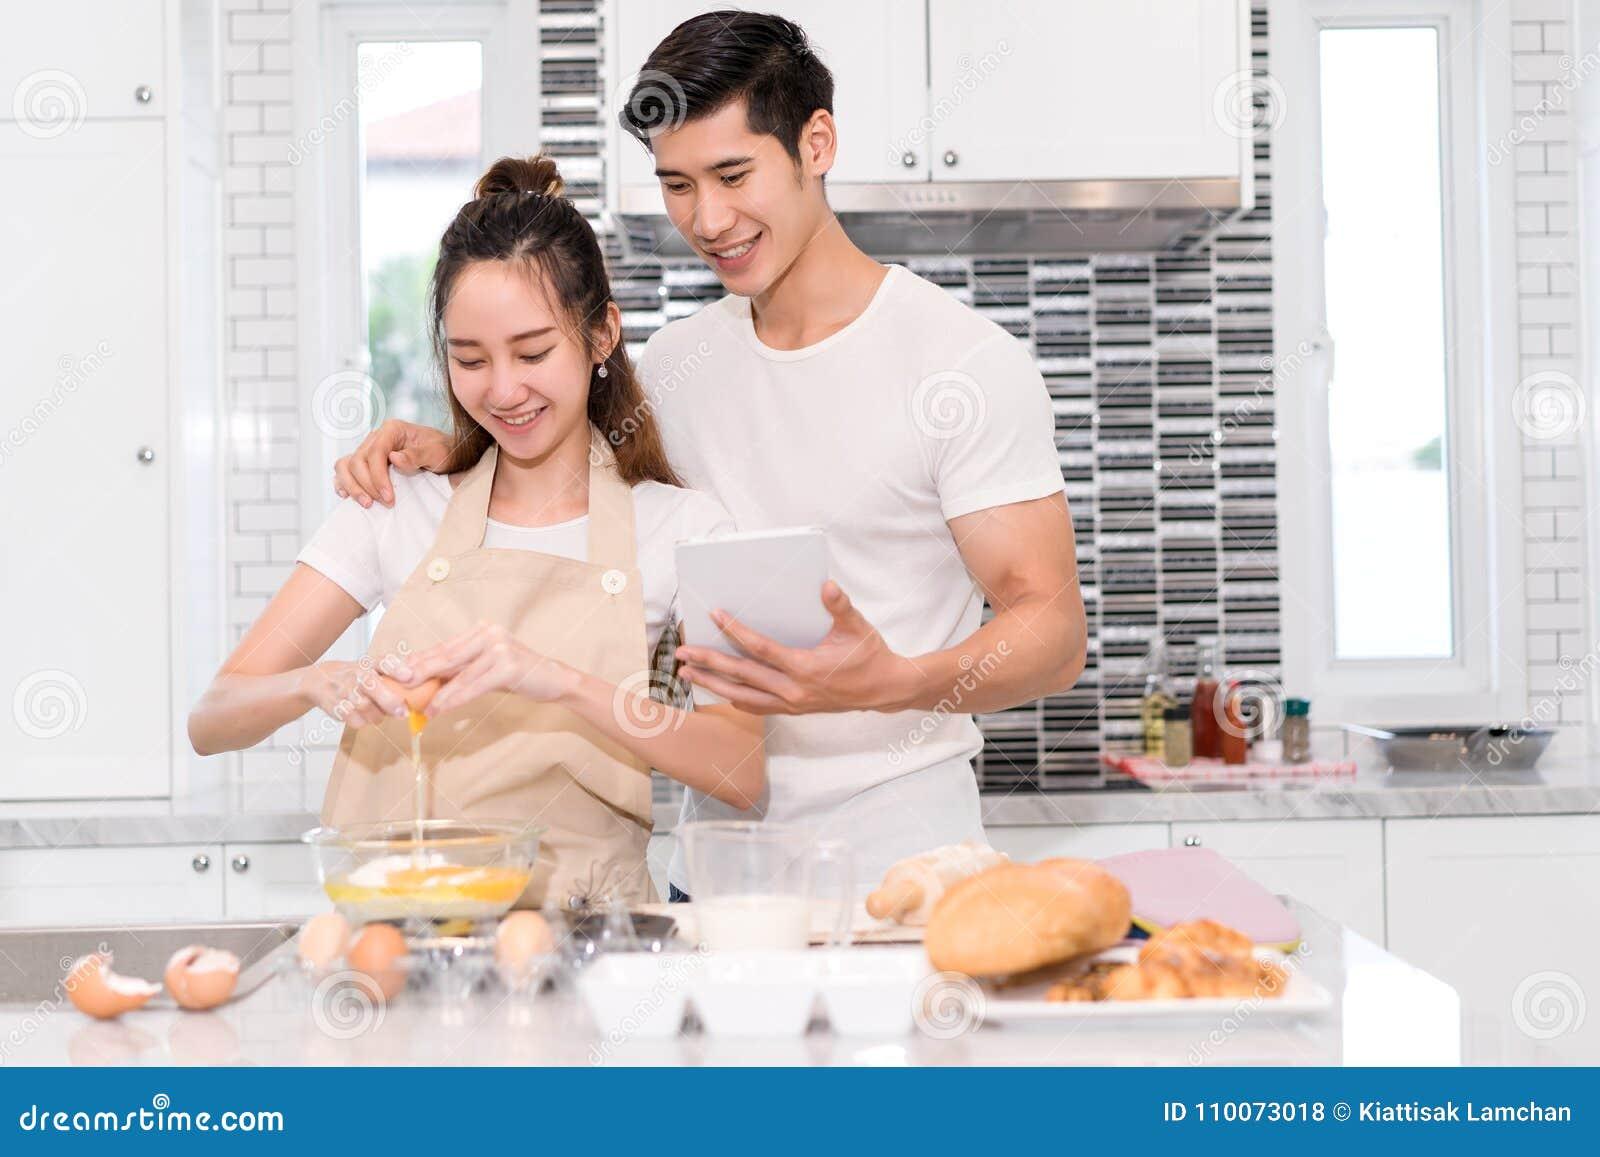 Coppia la fabbricazione il forno, il dolce nella stanza della cucina, il giovane uomo asiatico e della donna